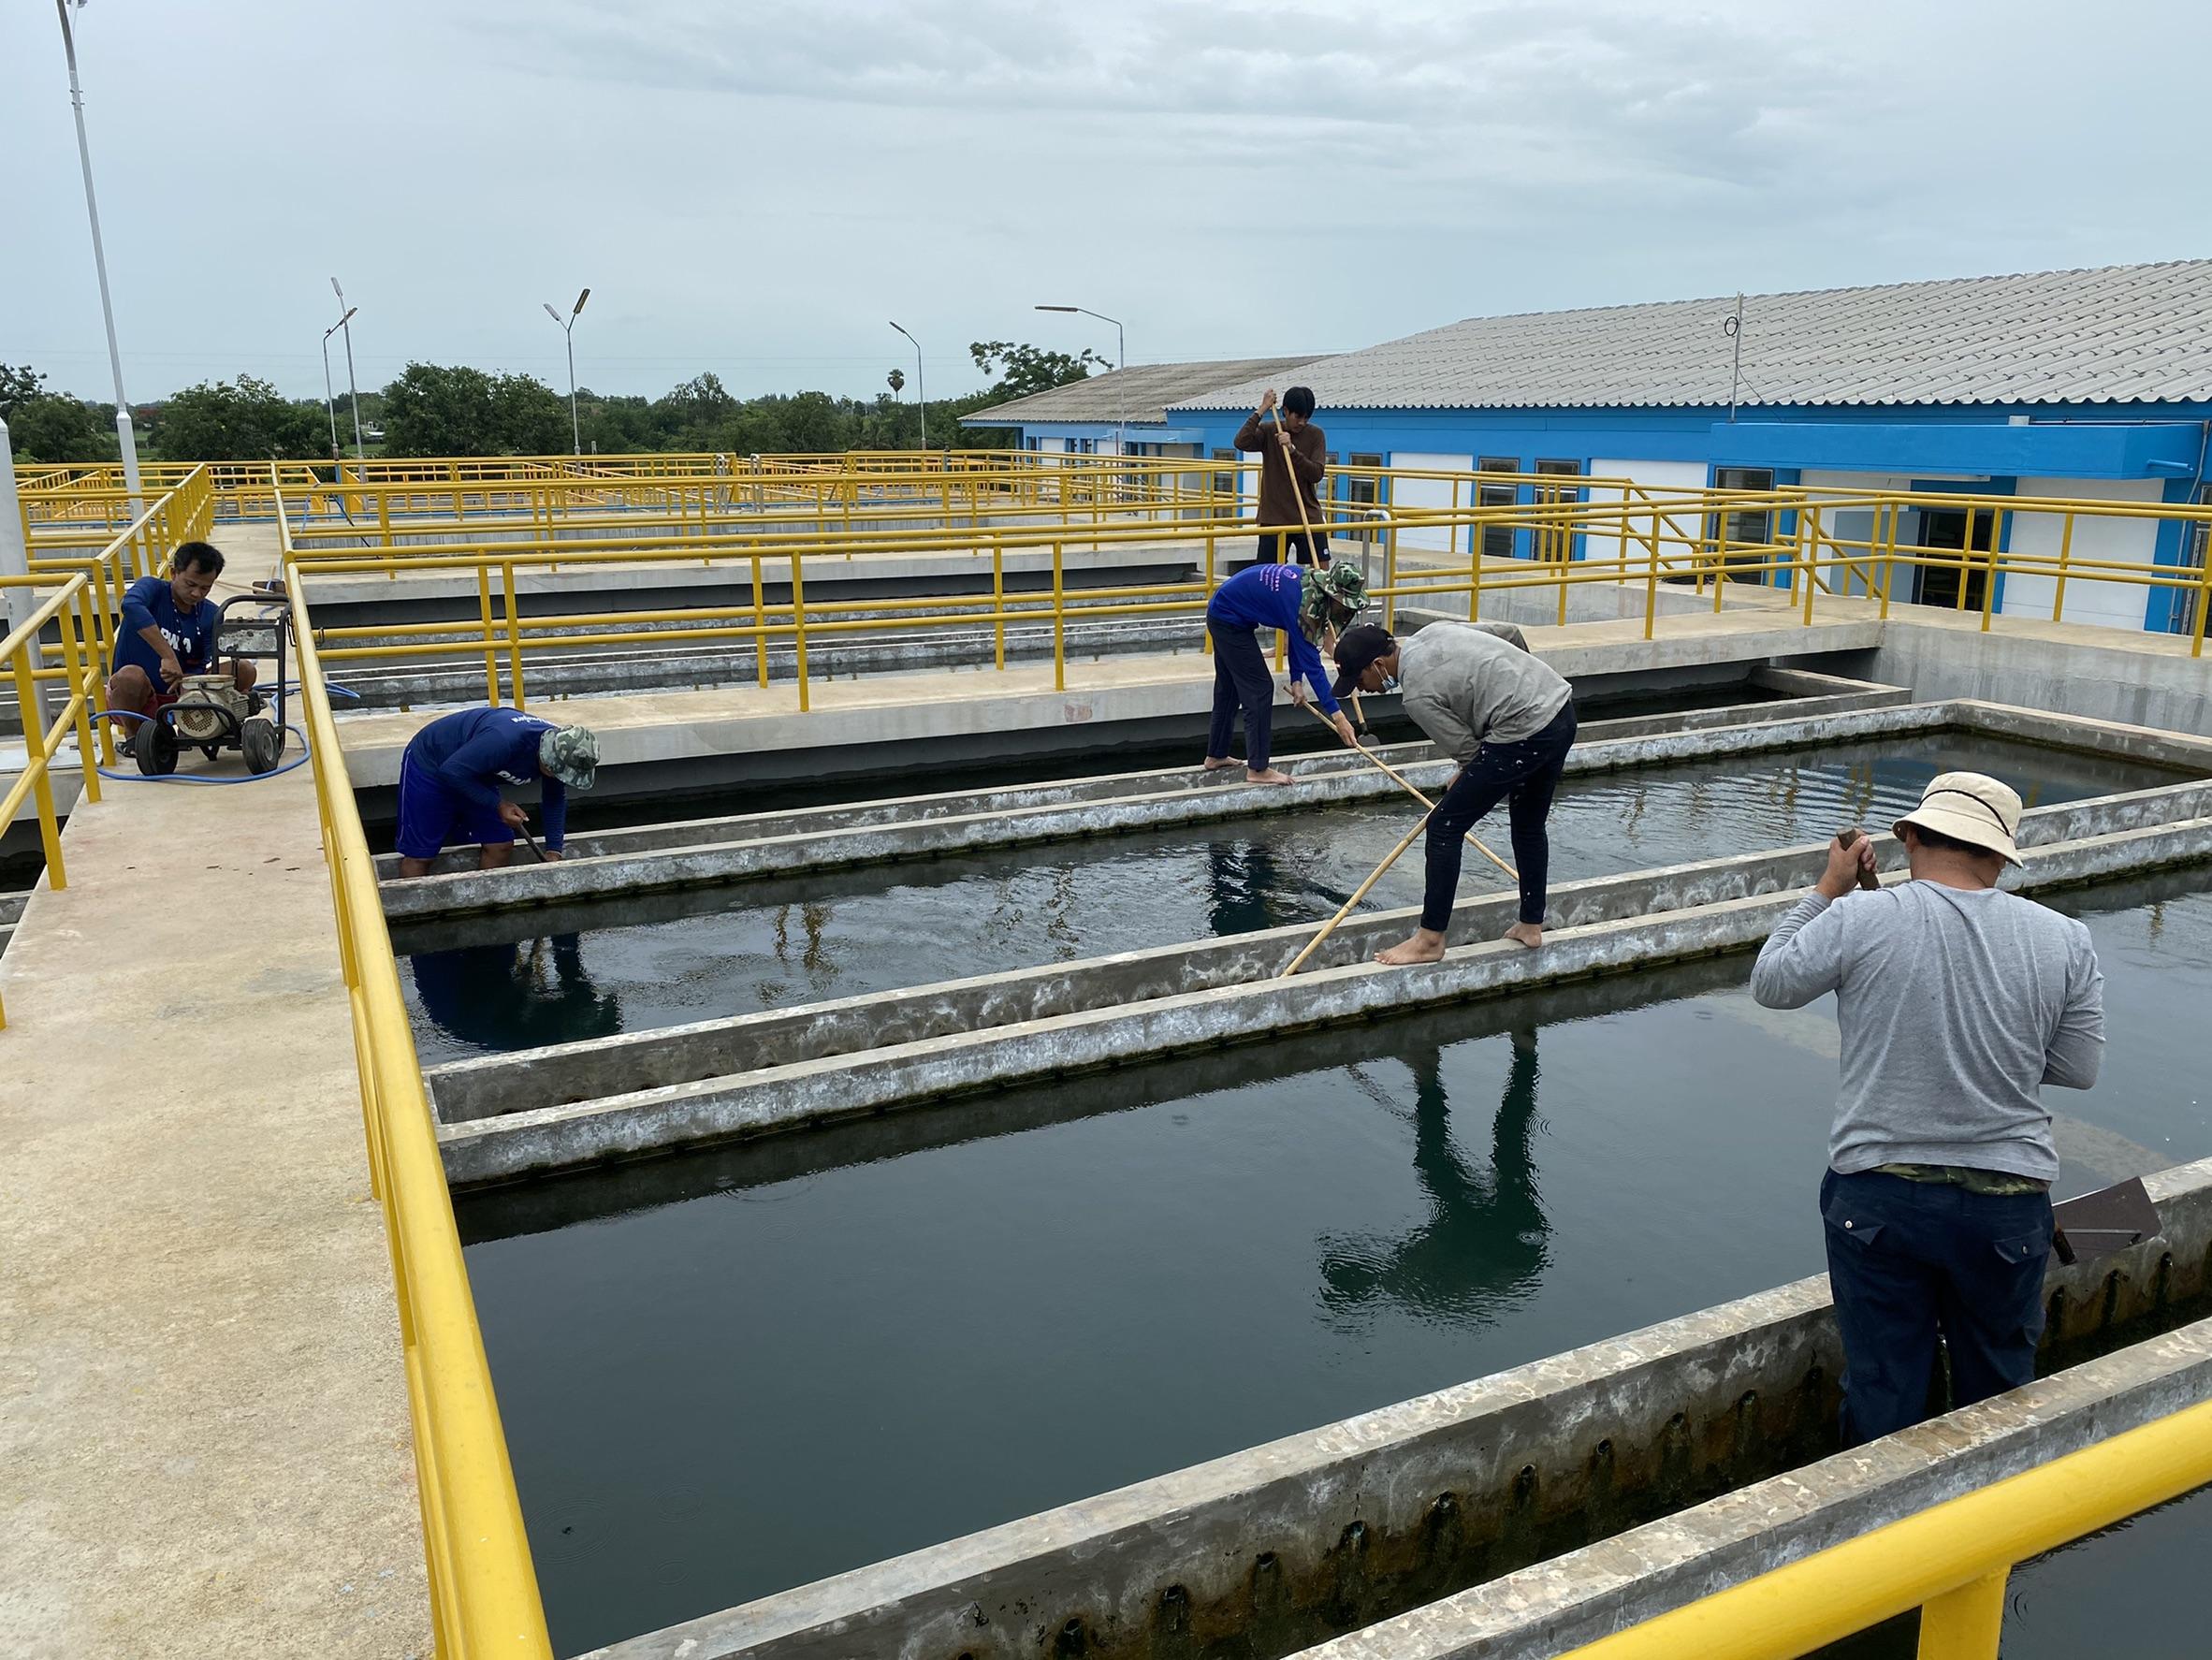 กปภ.สาขาท่ามะกา ล้างถังตกตะกอน ประจำเดือนมิถุนายน 2564 ณ สภานีผลิตน้ำท่าม่วง